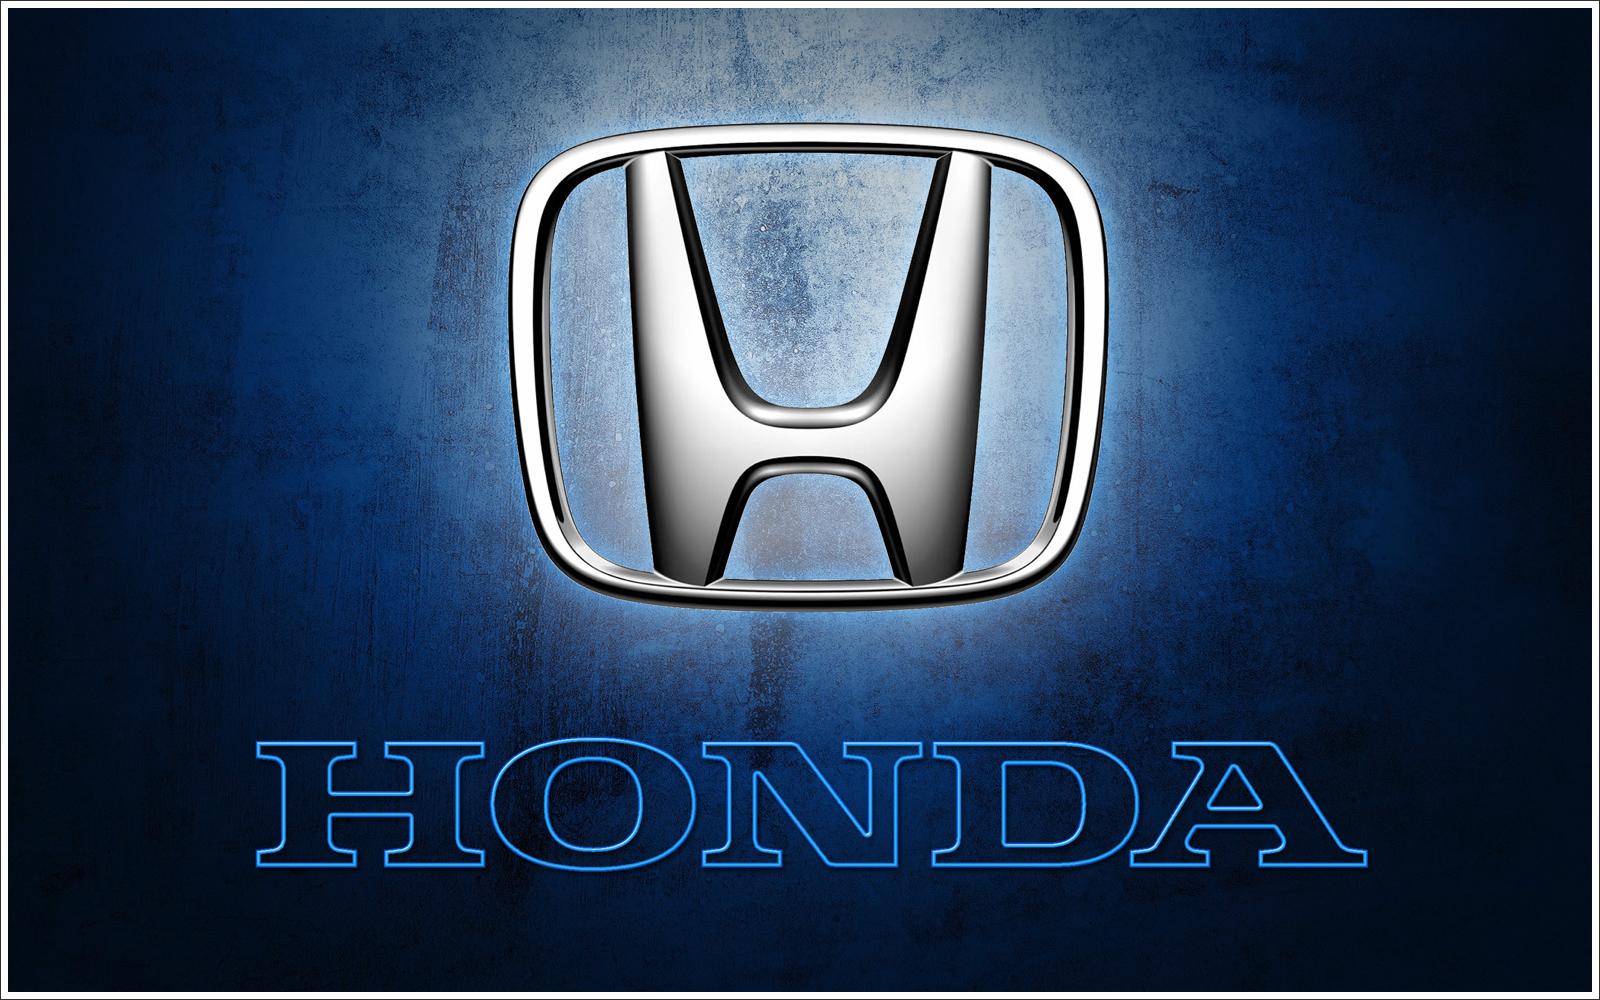 Honda Emblem Wallpaper